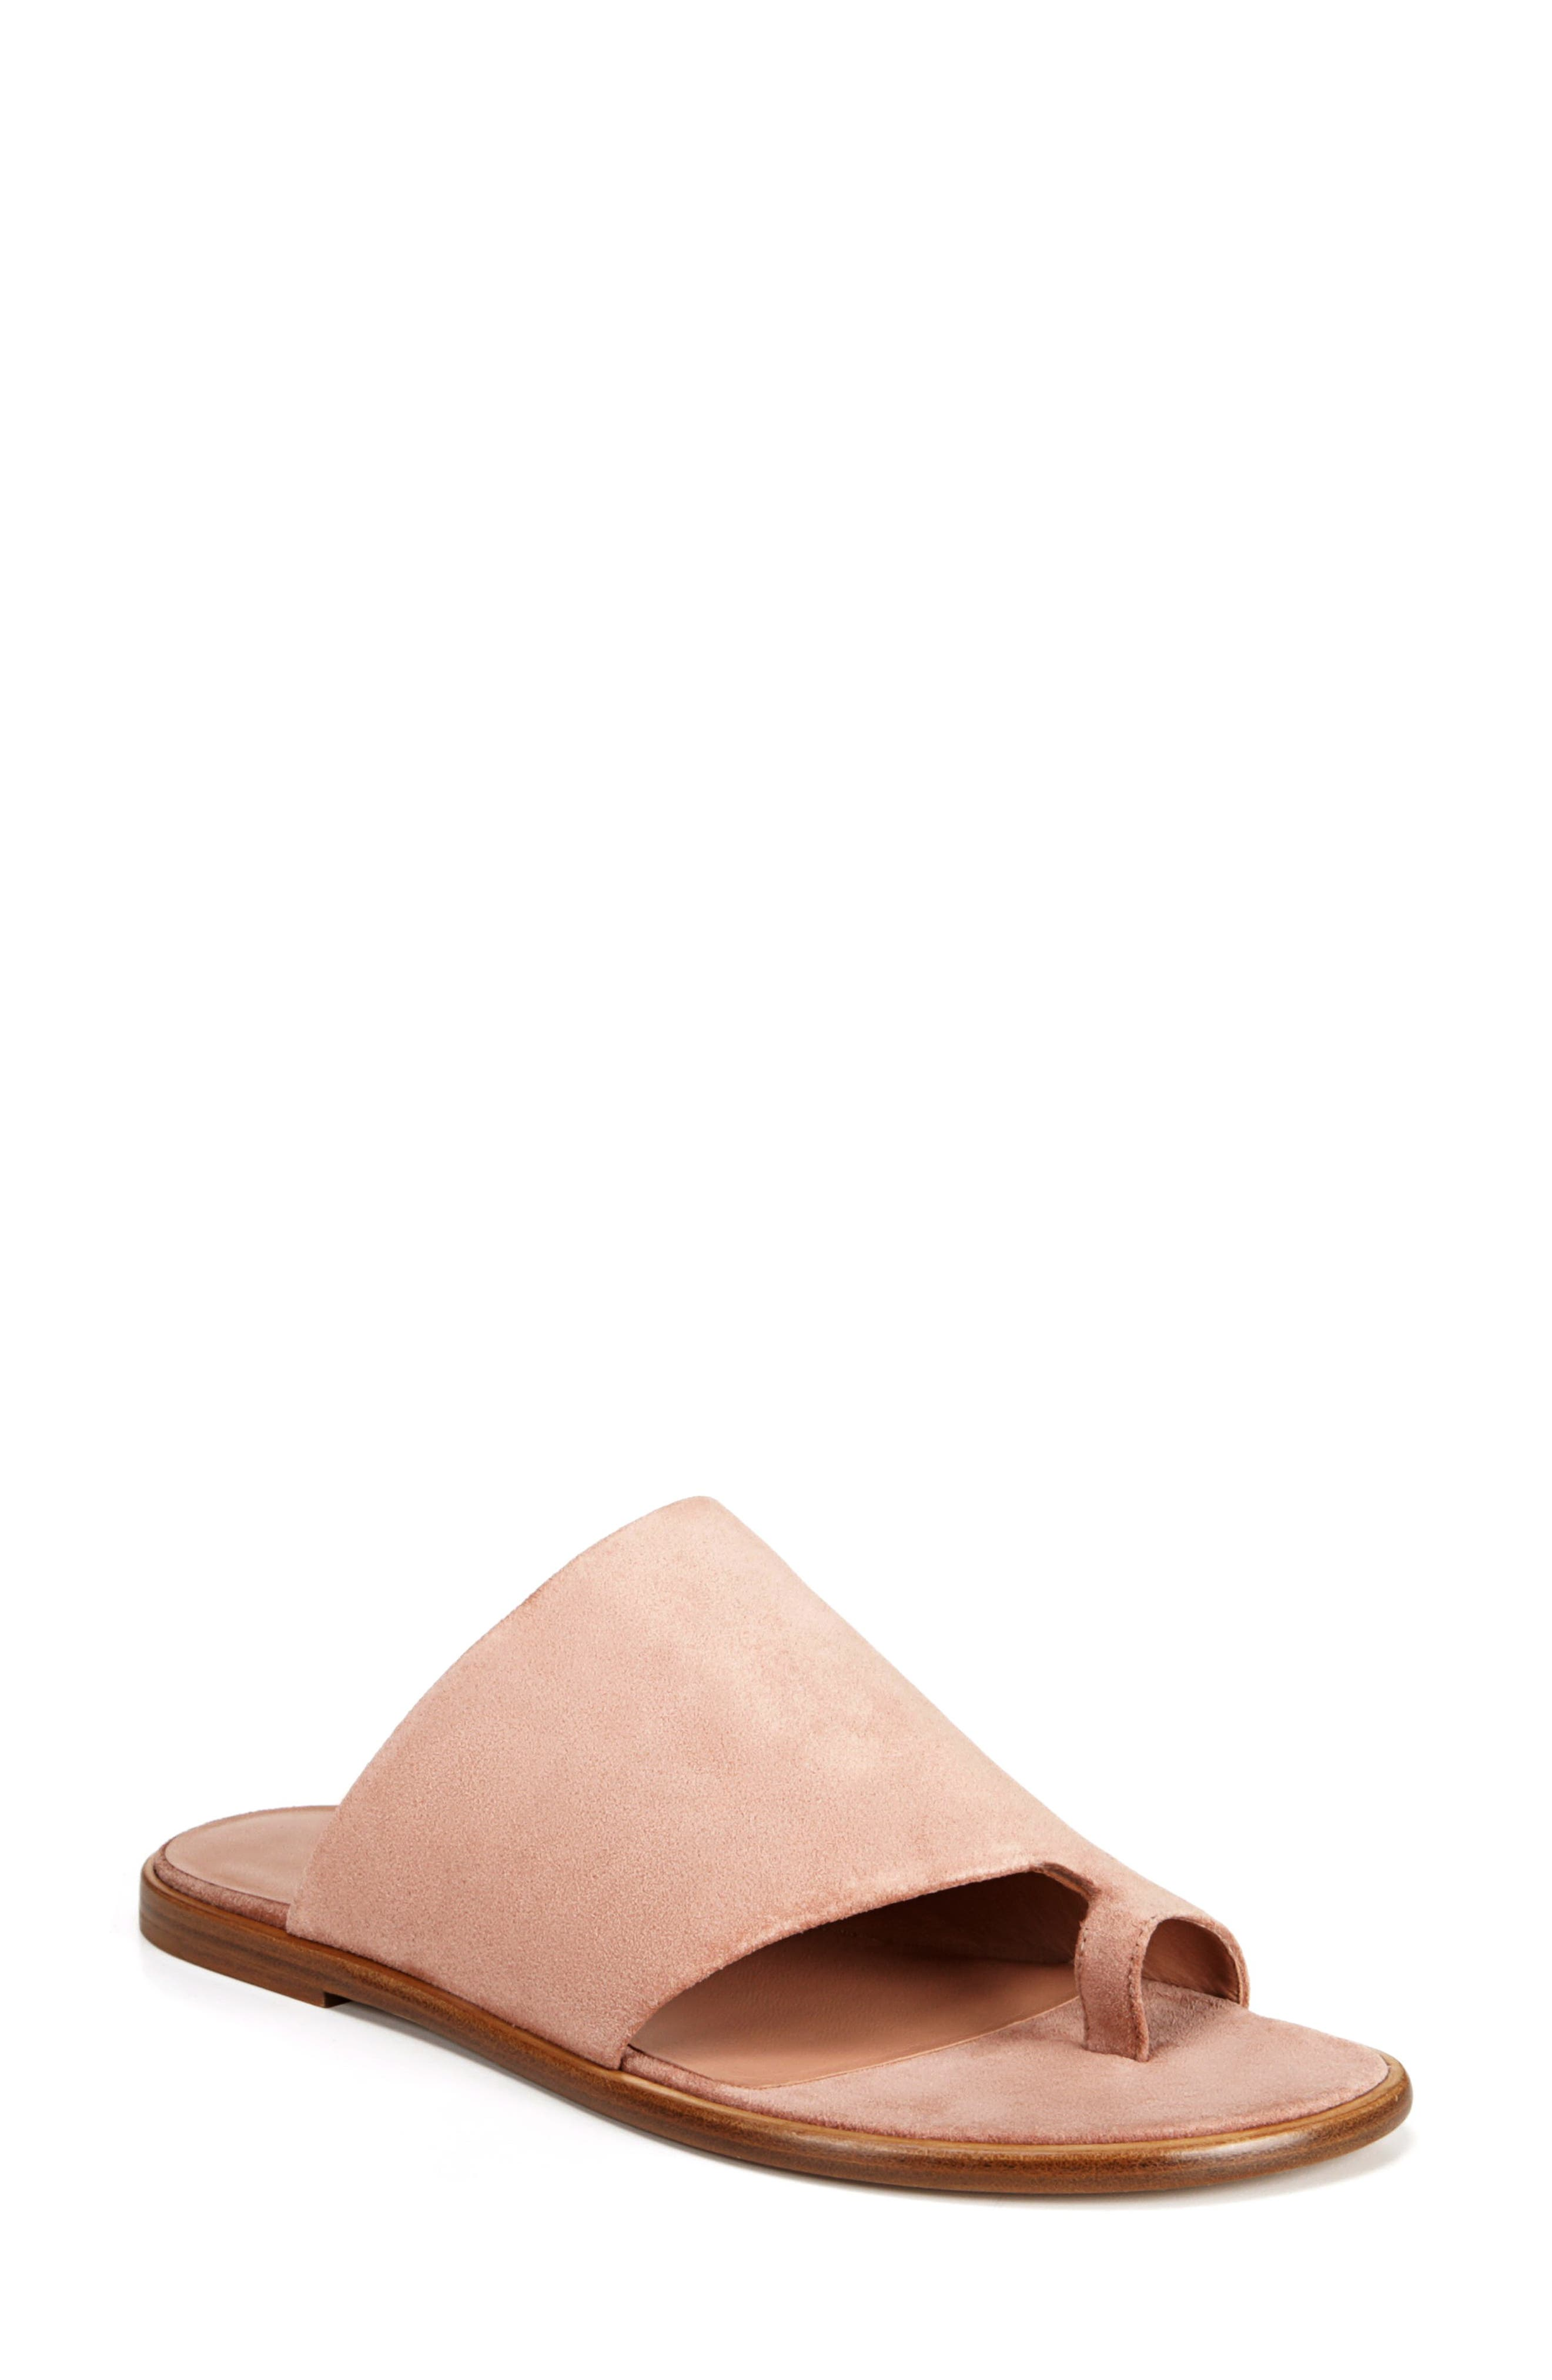 Edris Toe Loop Sandal,                         Main,                         color, BLUSH